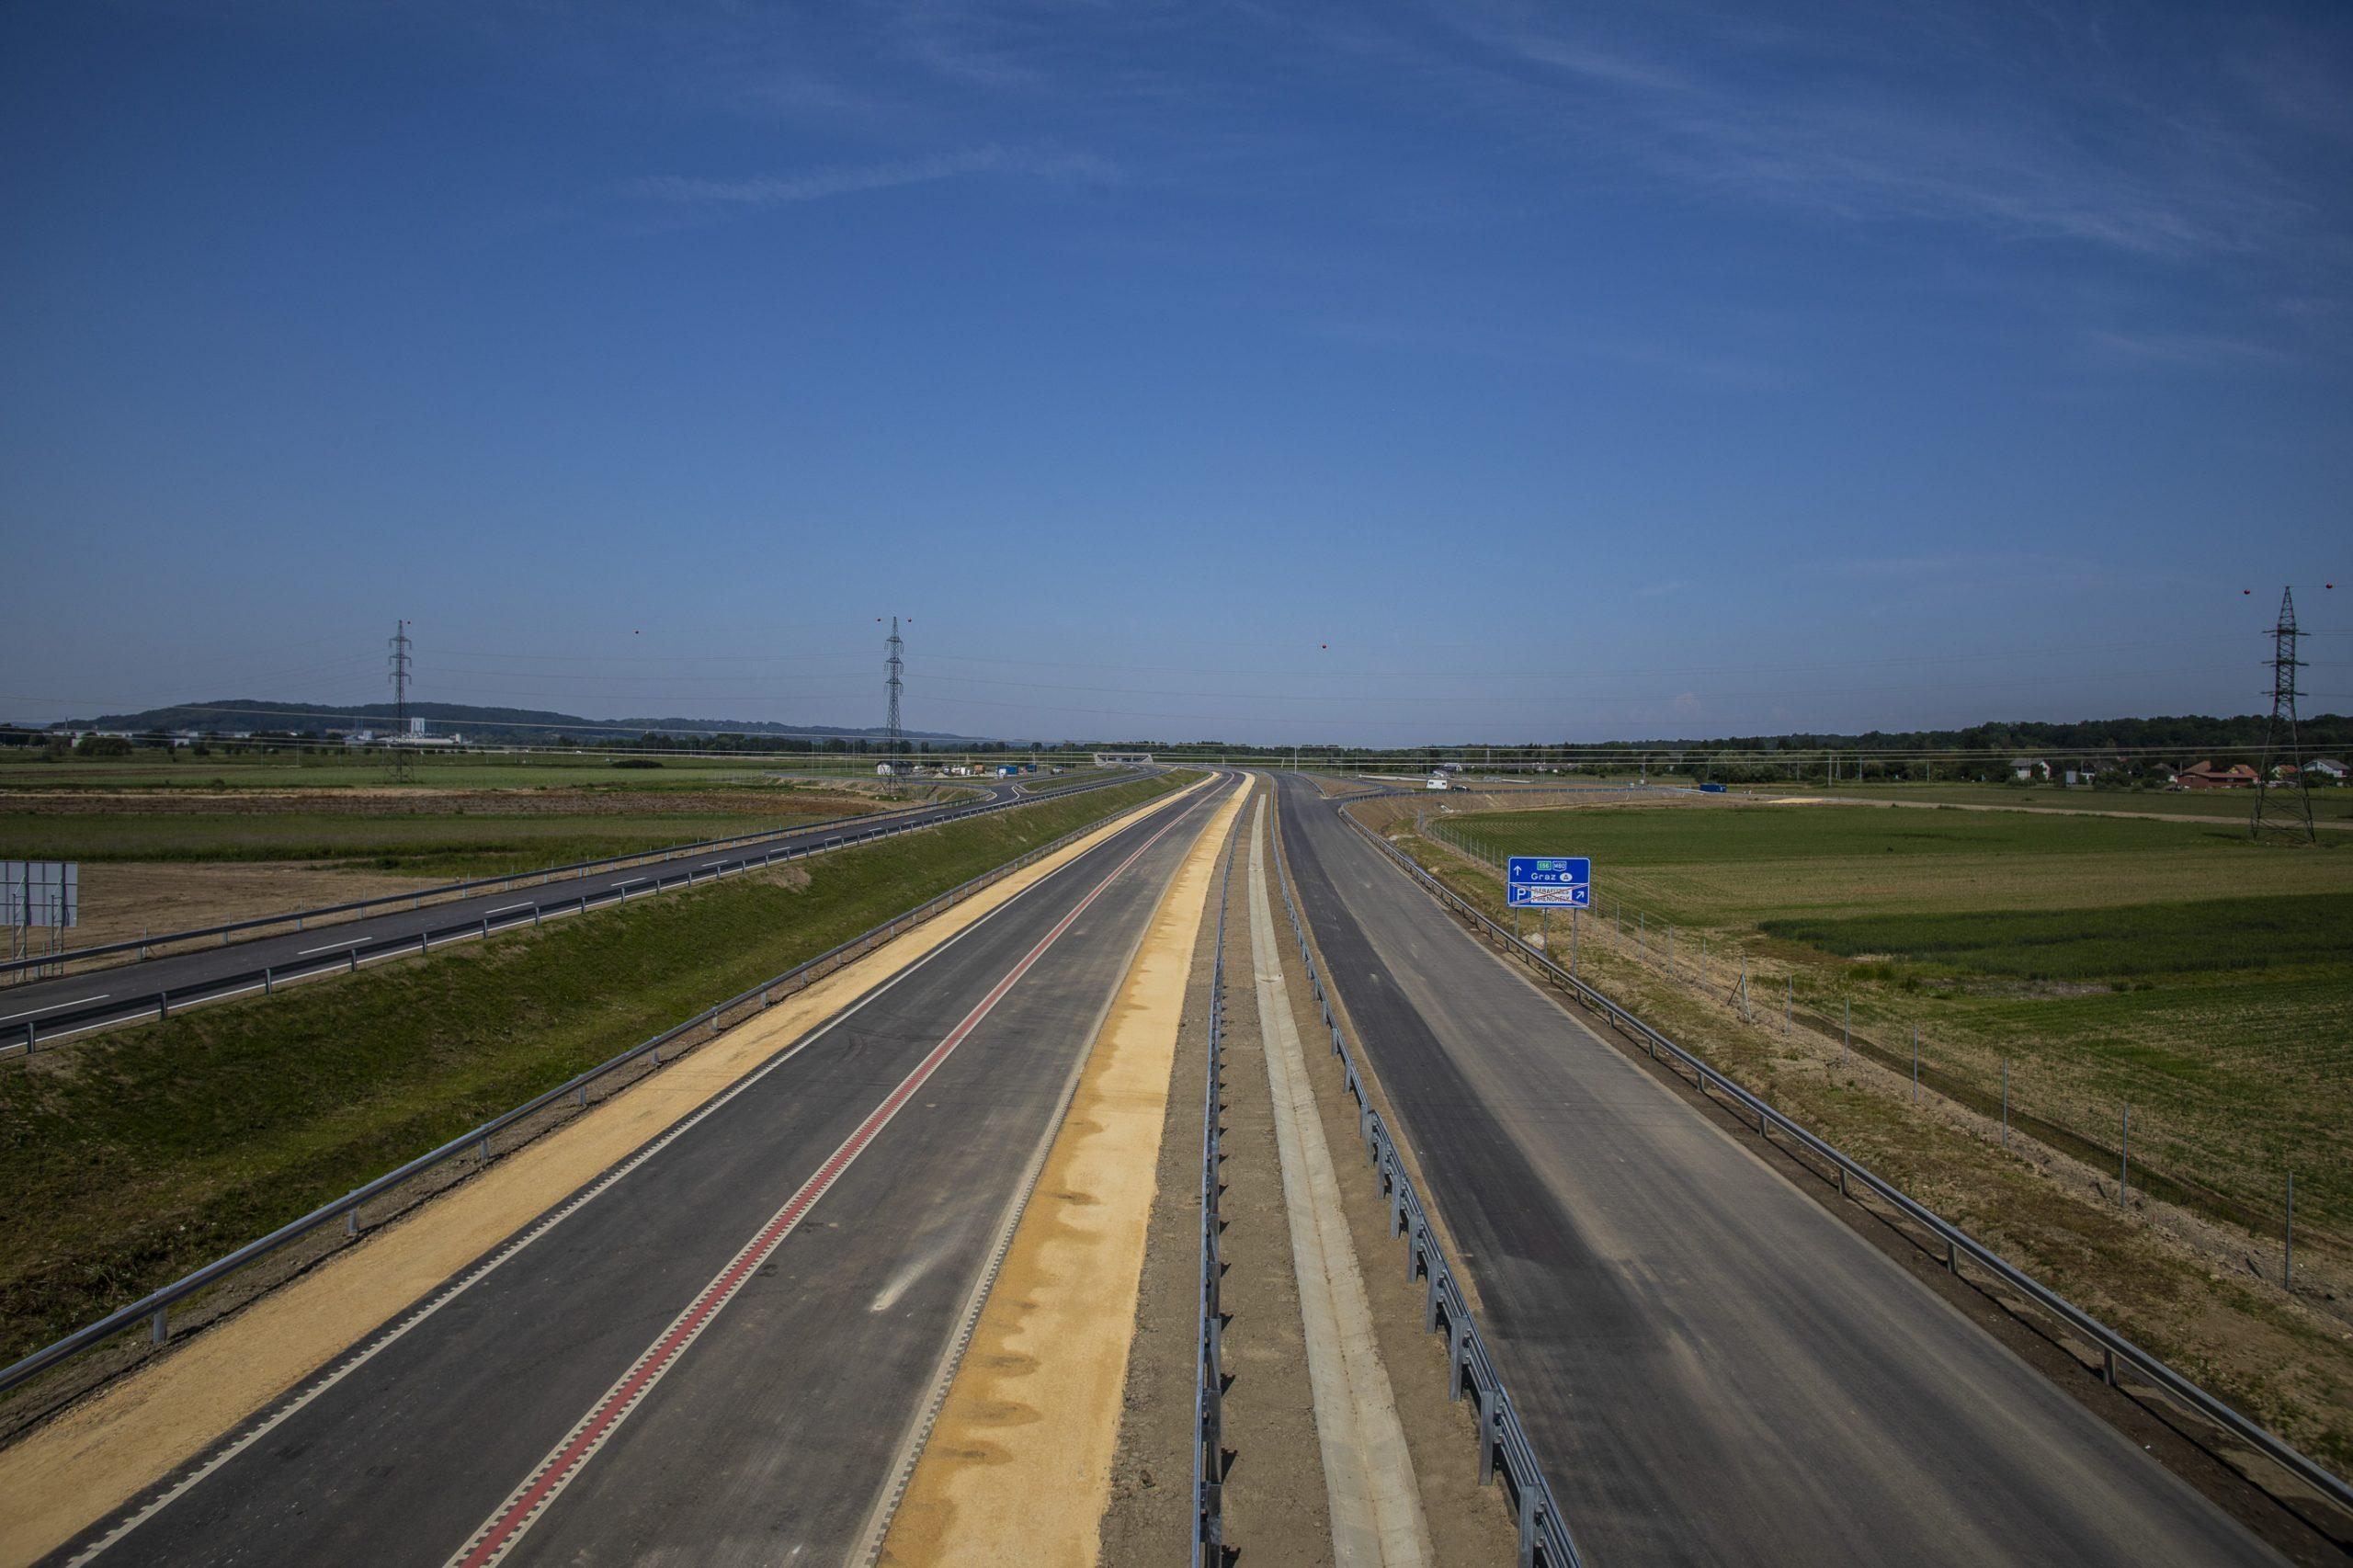 Gyorsforgalmi útszakaszt helyeztek forgalomba a Nyugat-Dunántúlon